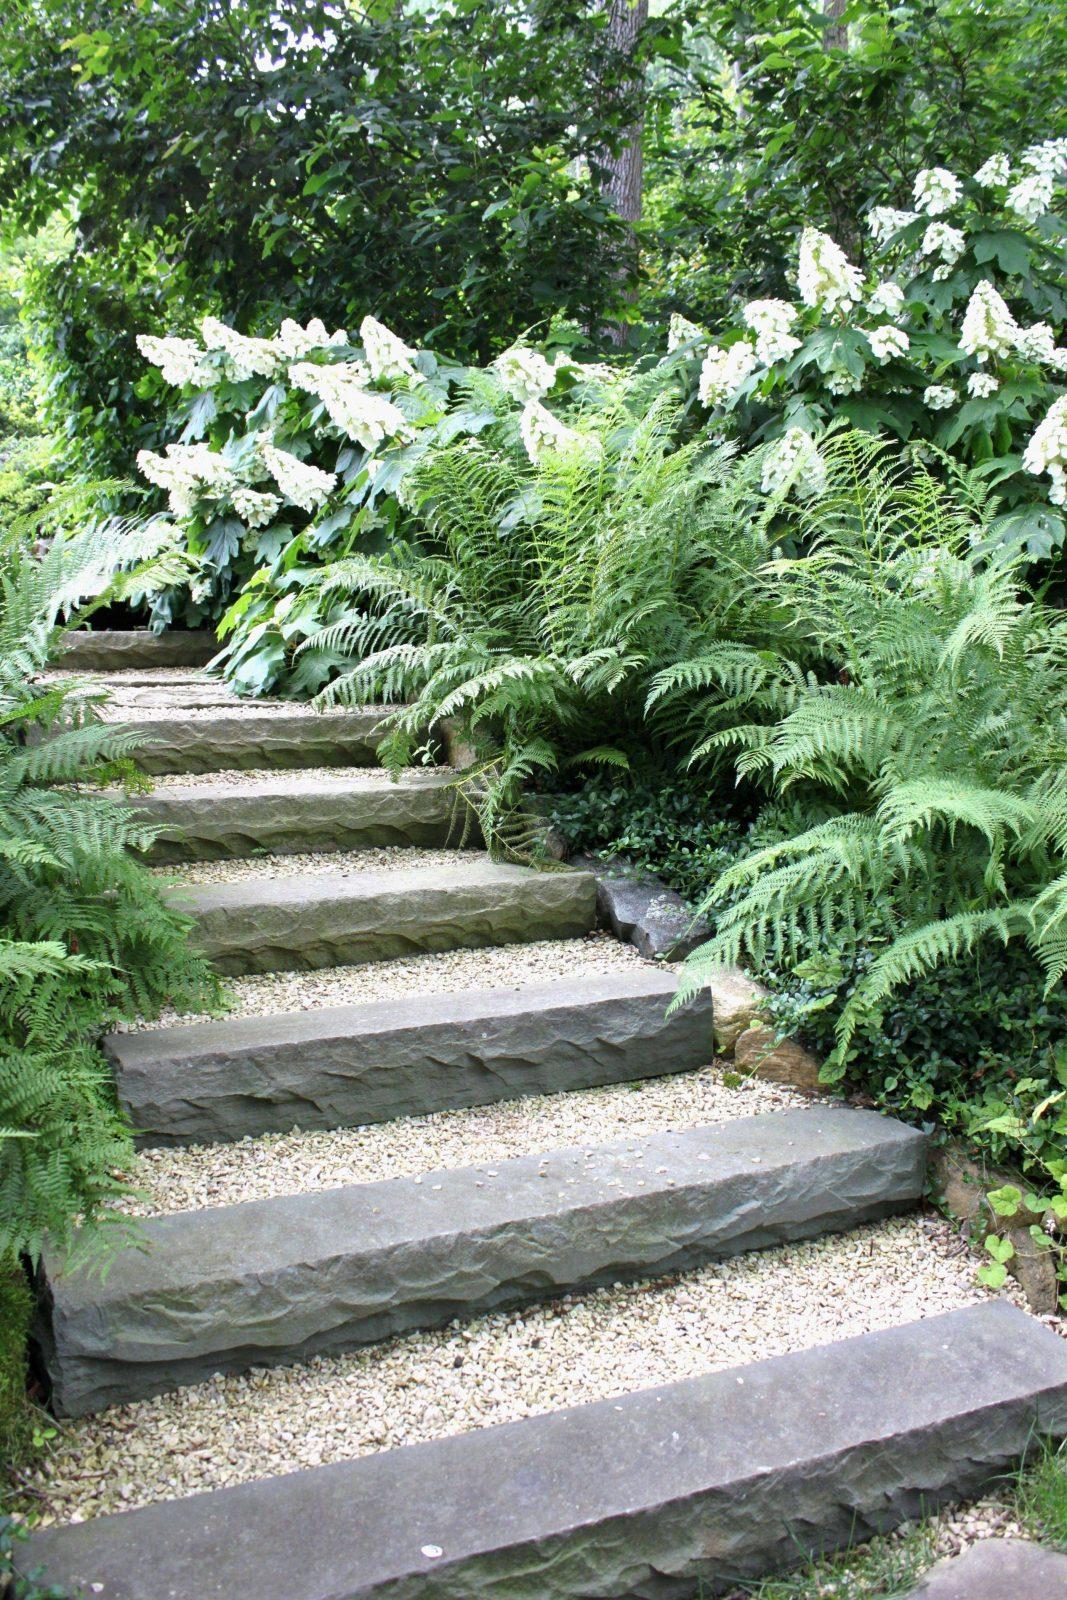 Rindenmulch Garten Das Beste Von Gartengestaltung Mit Steinen Und von Gartengestaltung Mit Steinen Am Hang Bild